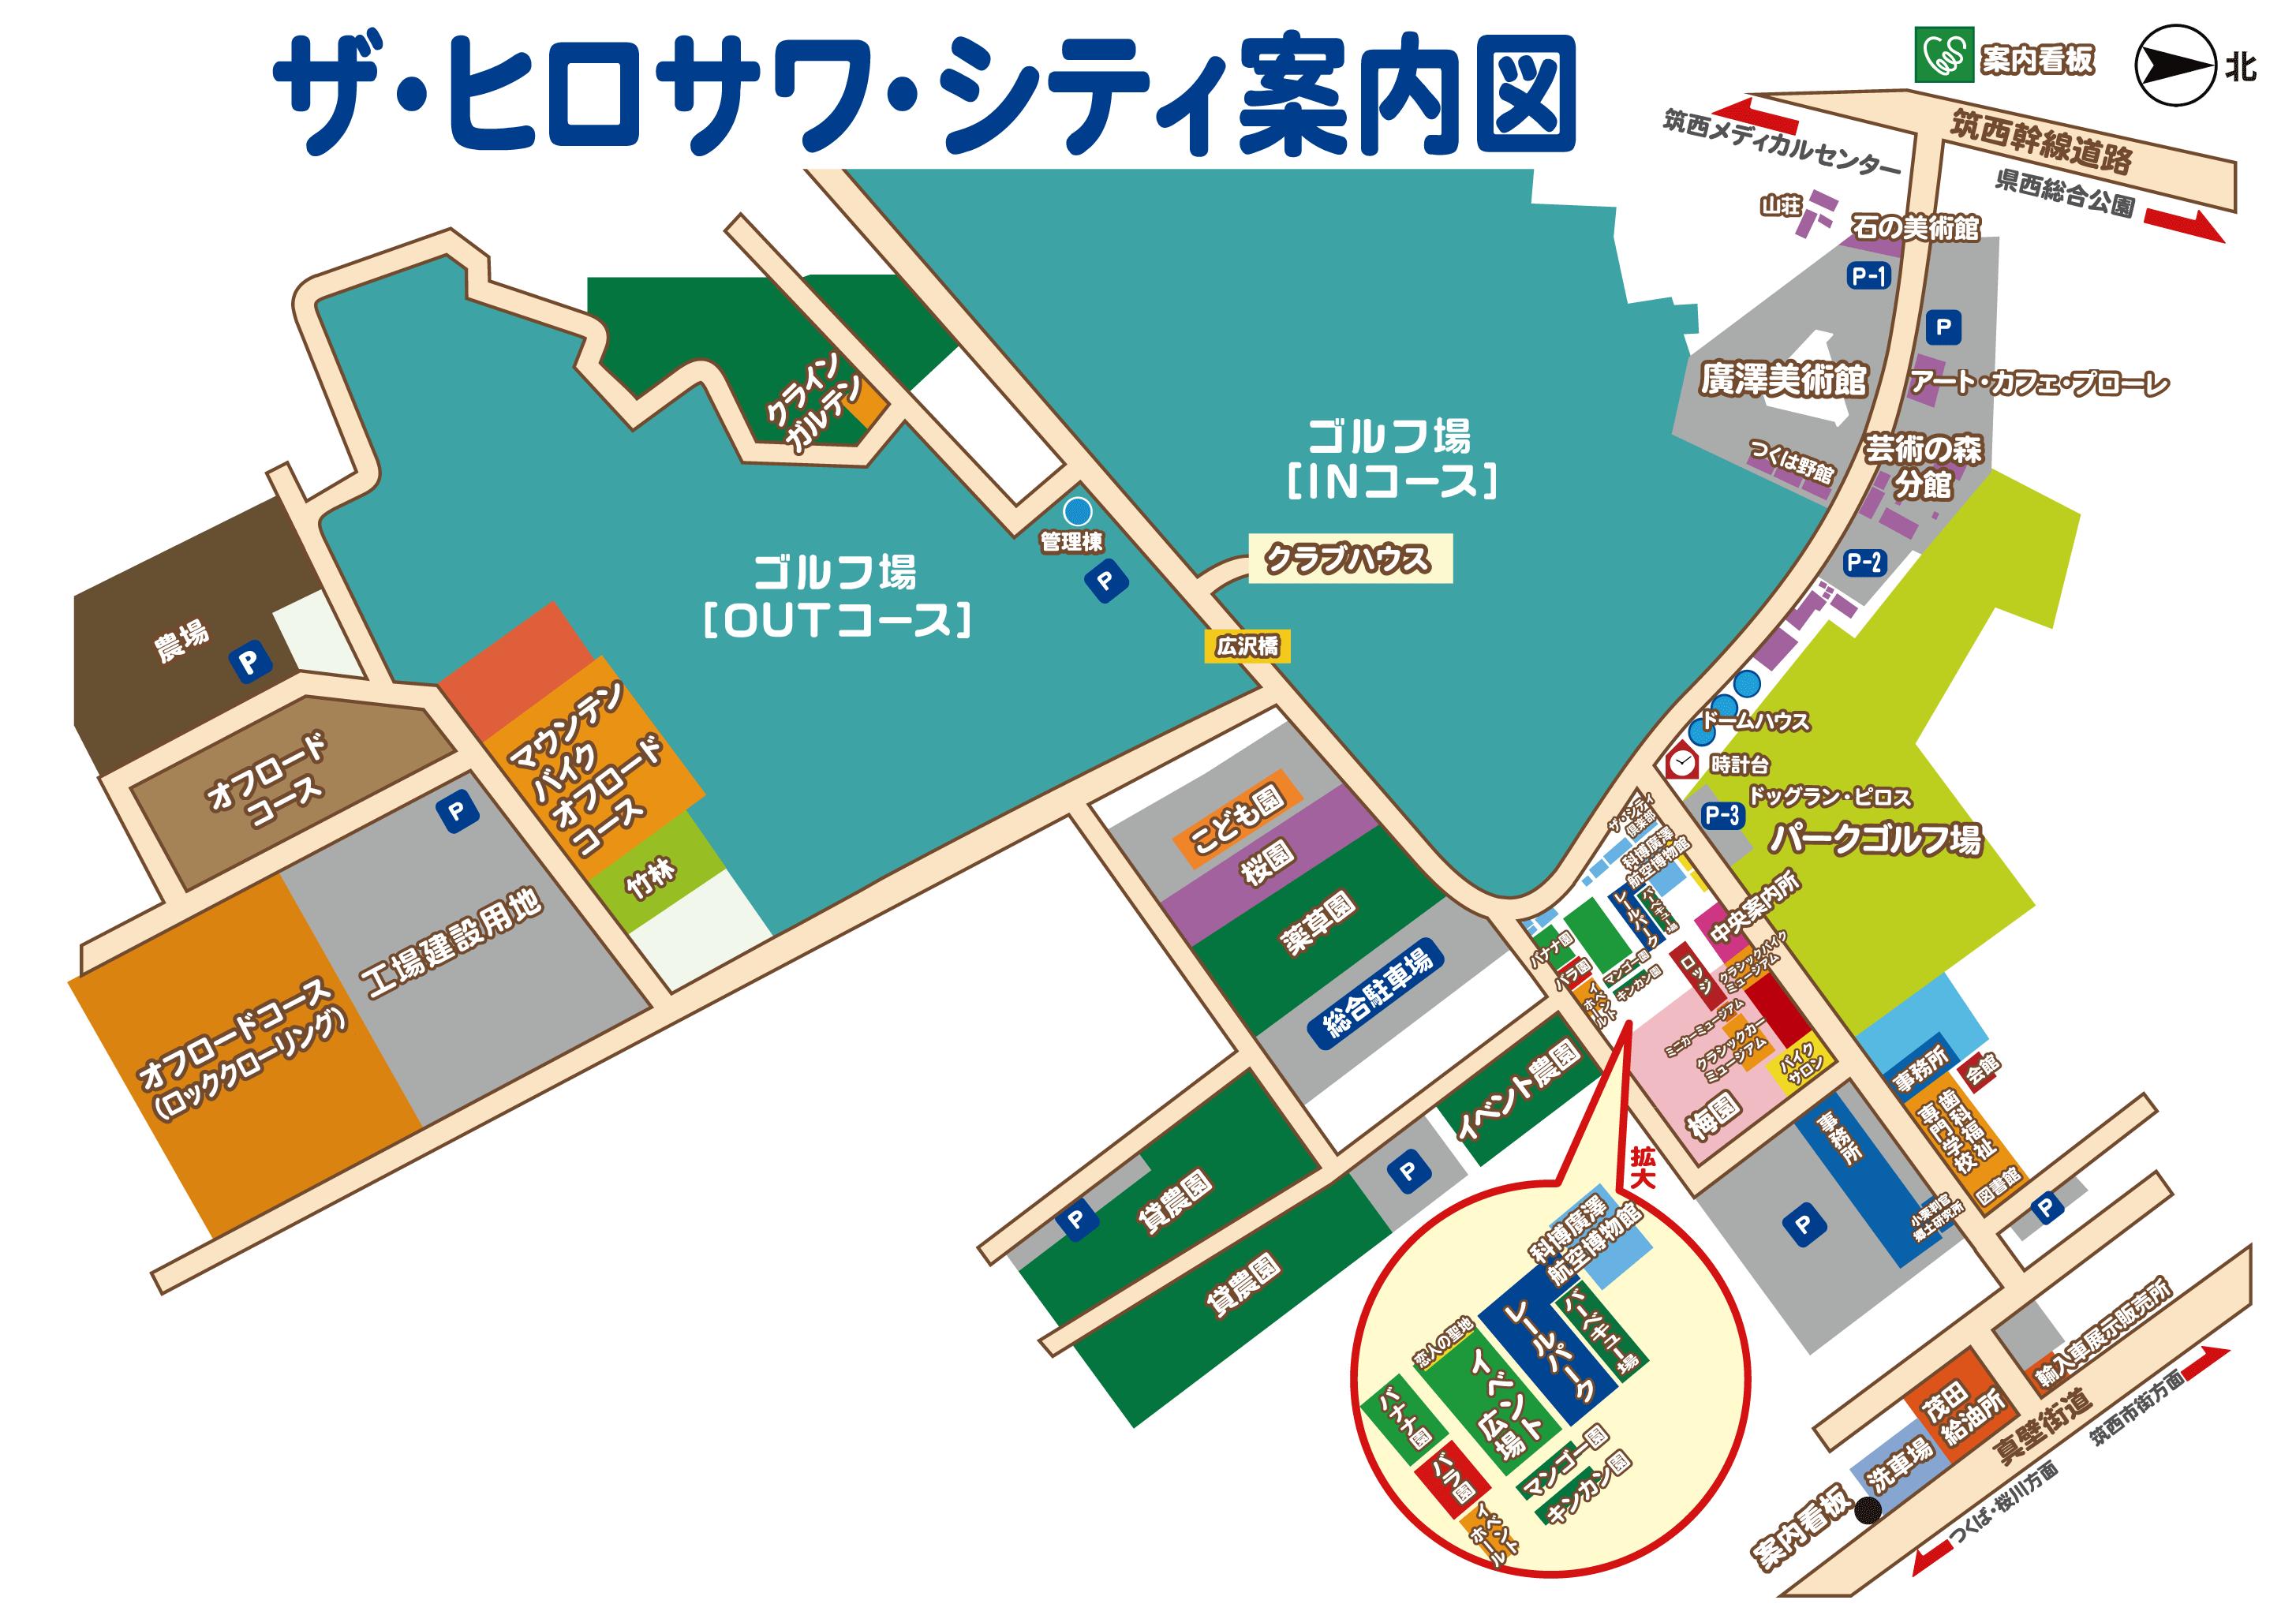 ヒロサワ シティ